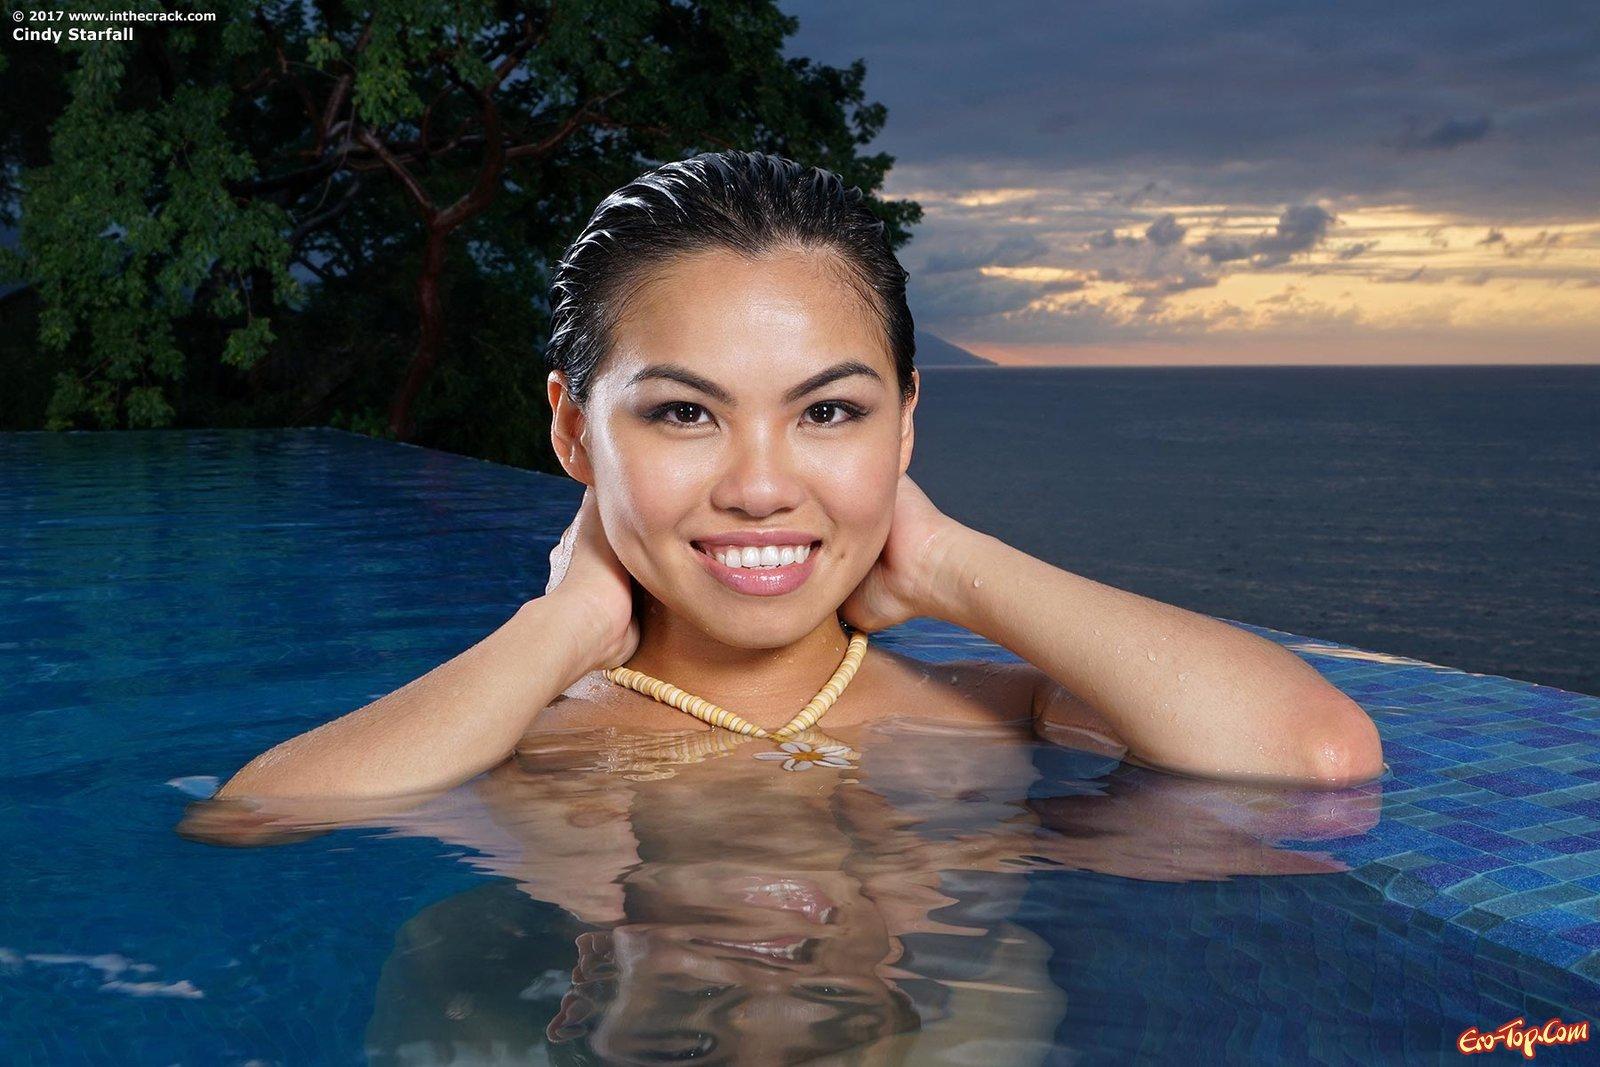 Китаянка оголила пилотку и анус около бассейна смотреть эротику